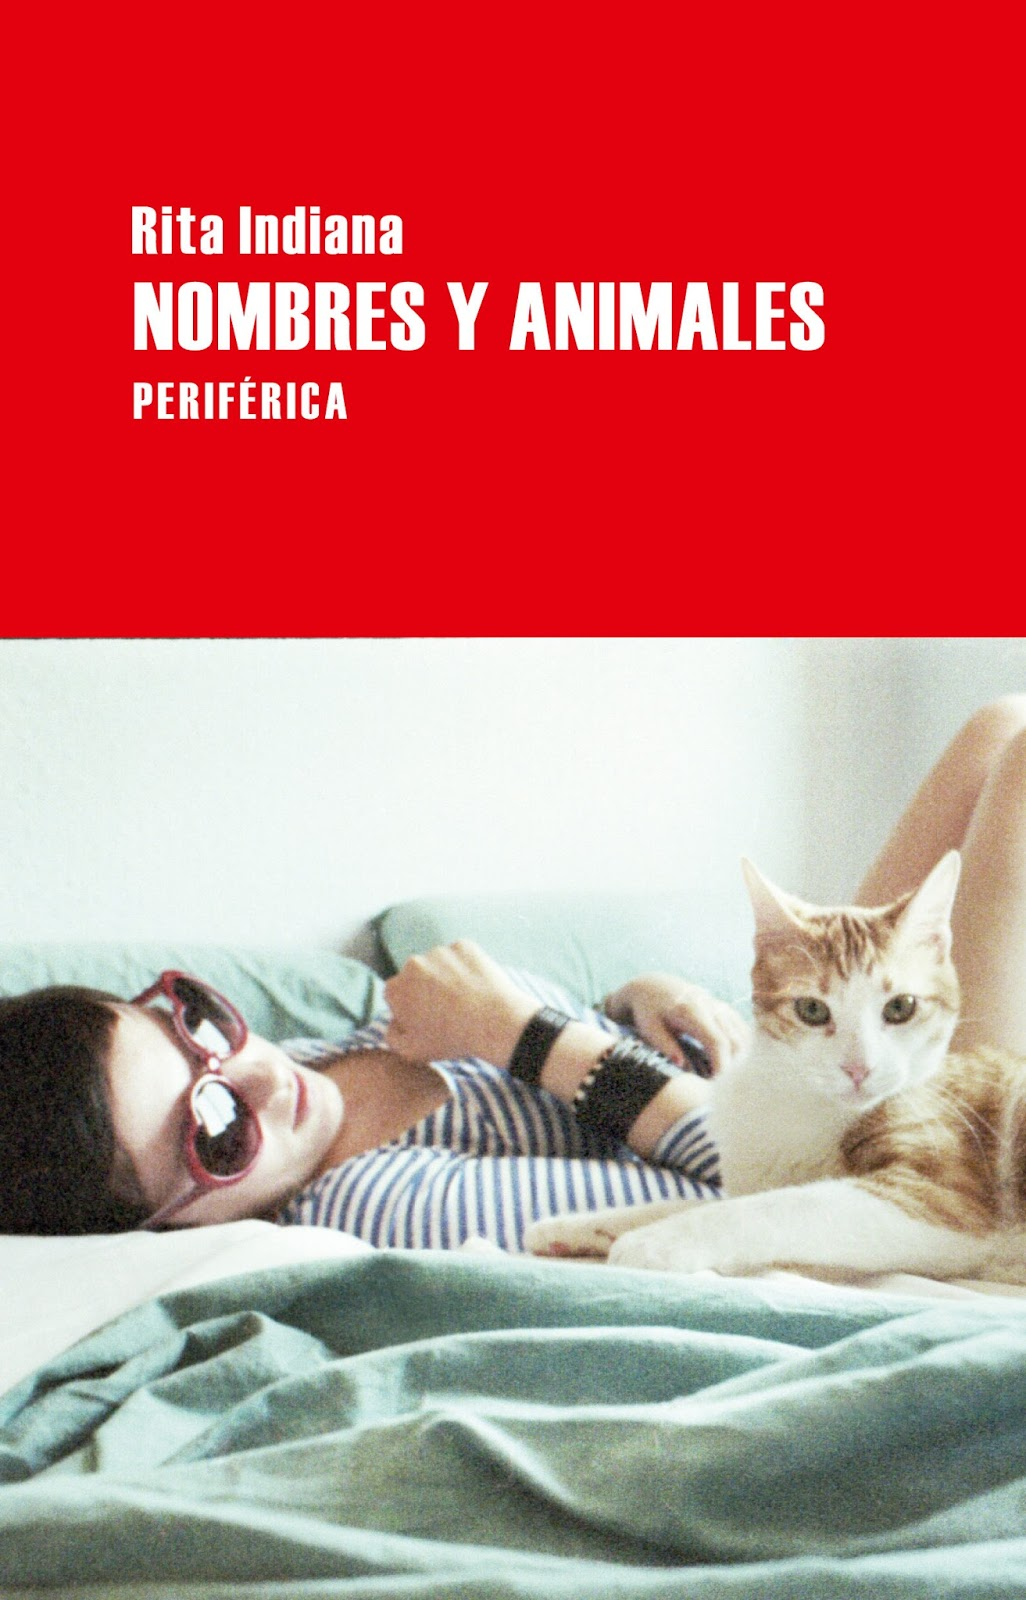 https://laantiguabiblos.blogspot.com/2019/10/nombres-y-animales-rita-indiana.html